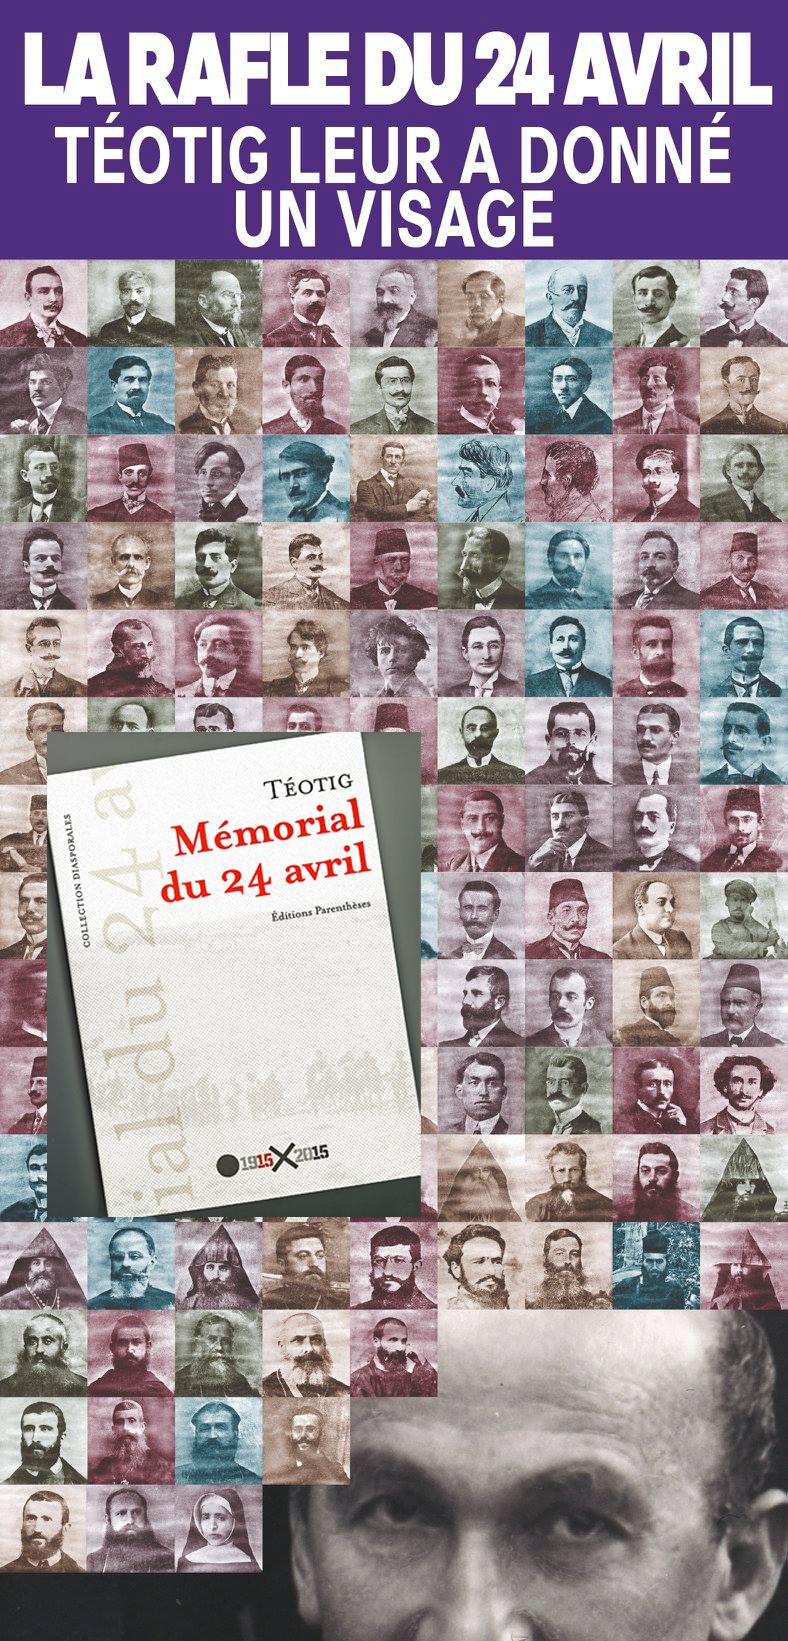 105ème commémoration du génocide arménien. Témoignage